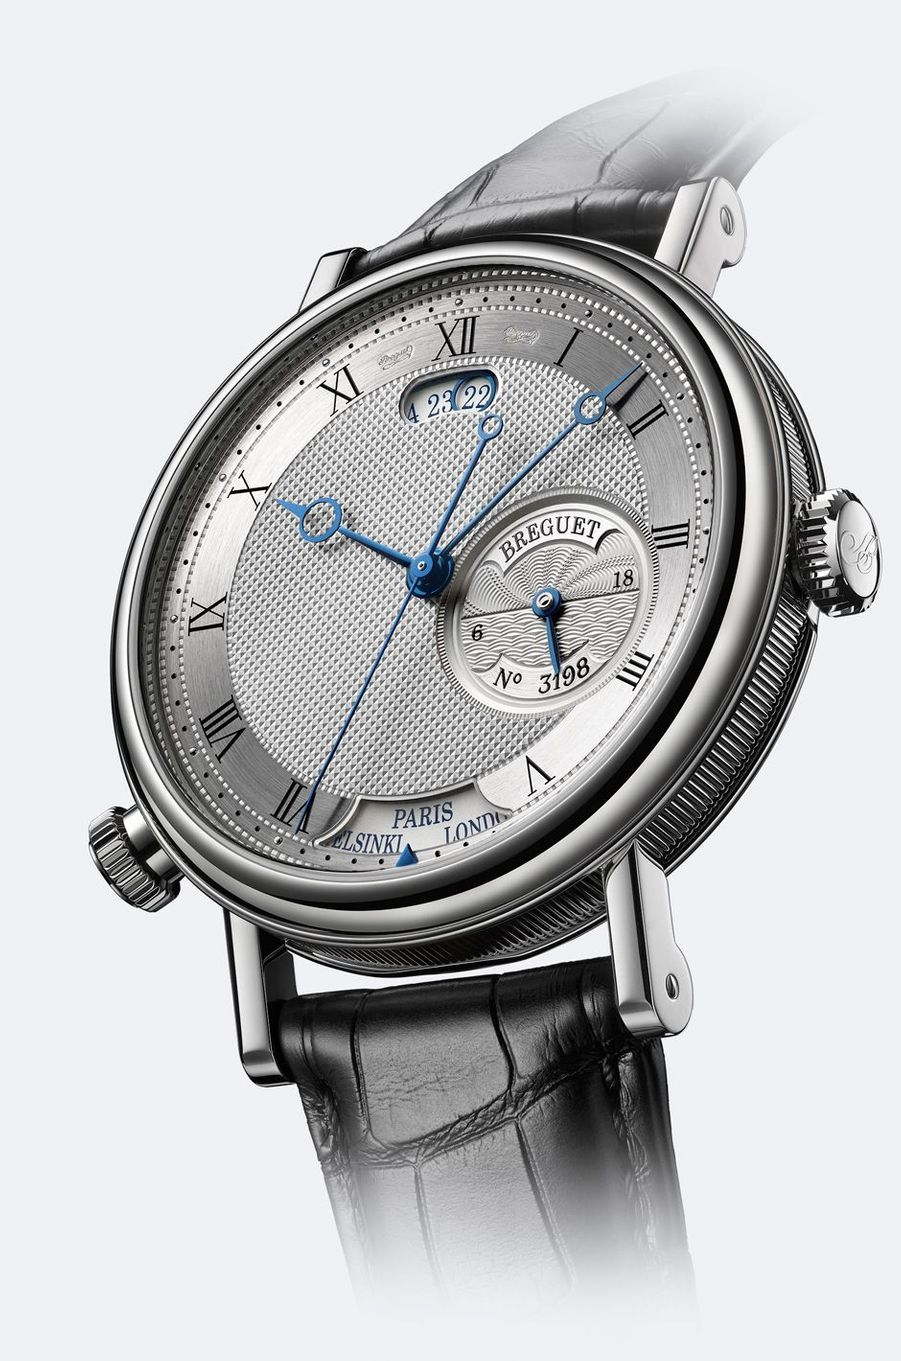 Classique Hora Mundi 5727 en or blanc, mouvement automatique, bracelet en alligator, 67 400 €. Breguet.